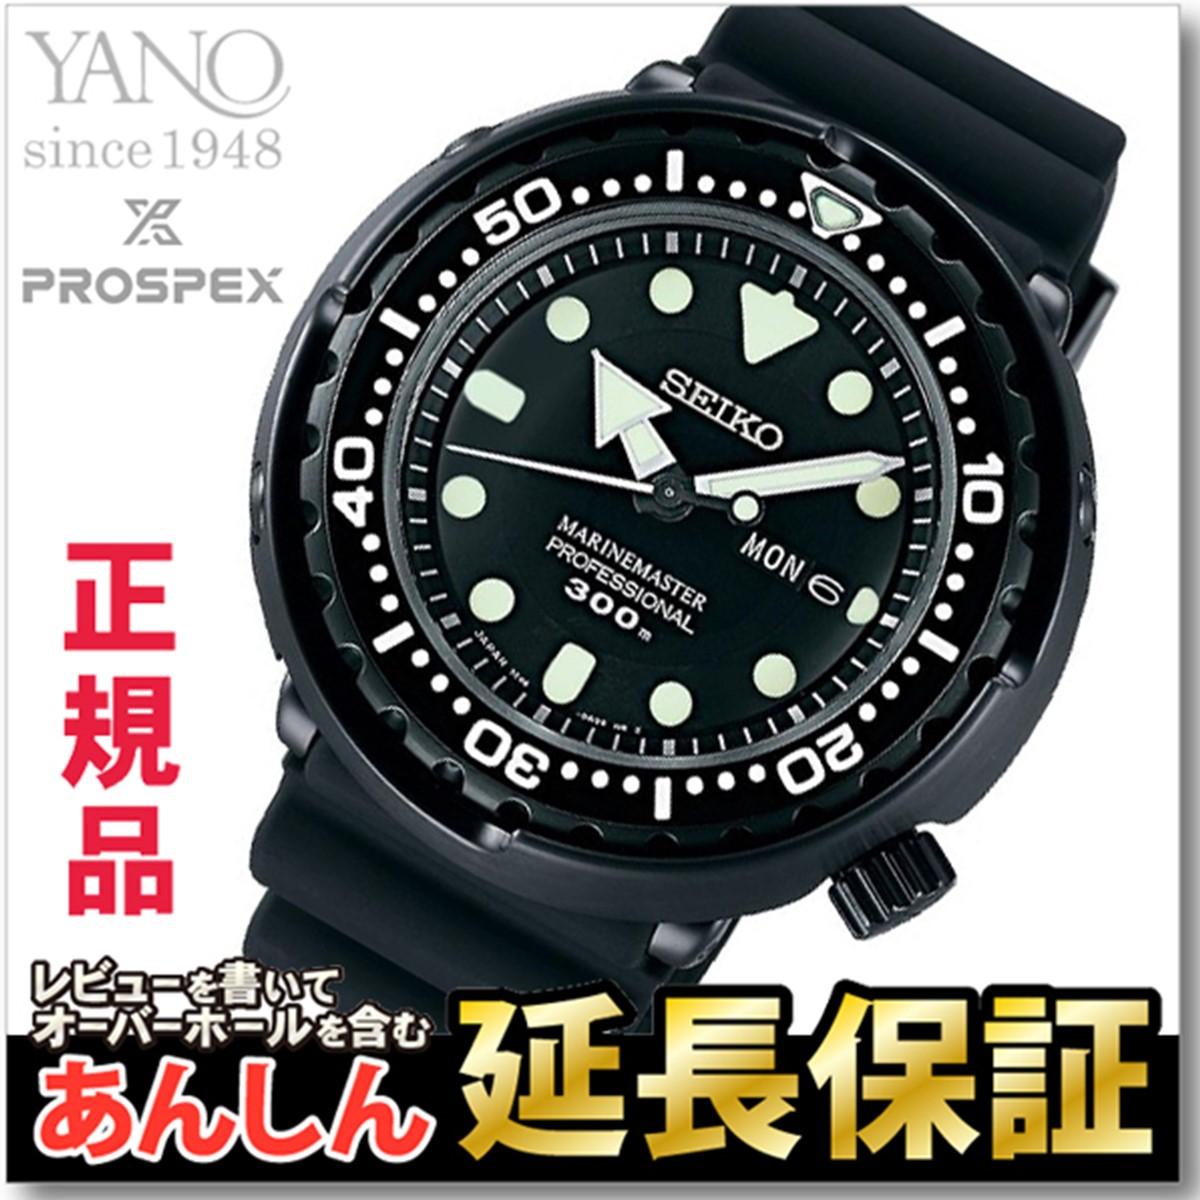 セイコー プロスペックス SEIKO PROSPEX マリーンマスター プロフェッショナル 腕時計 メンズ ダイバーズウォッチ SBBN035【正規品】【2015】【ラッピング無料】_10spl